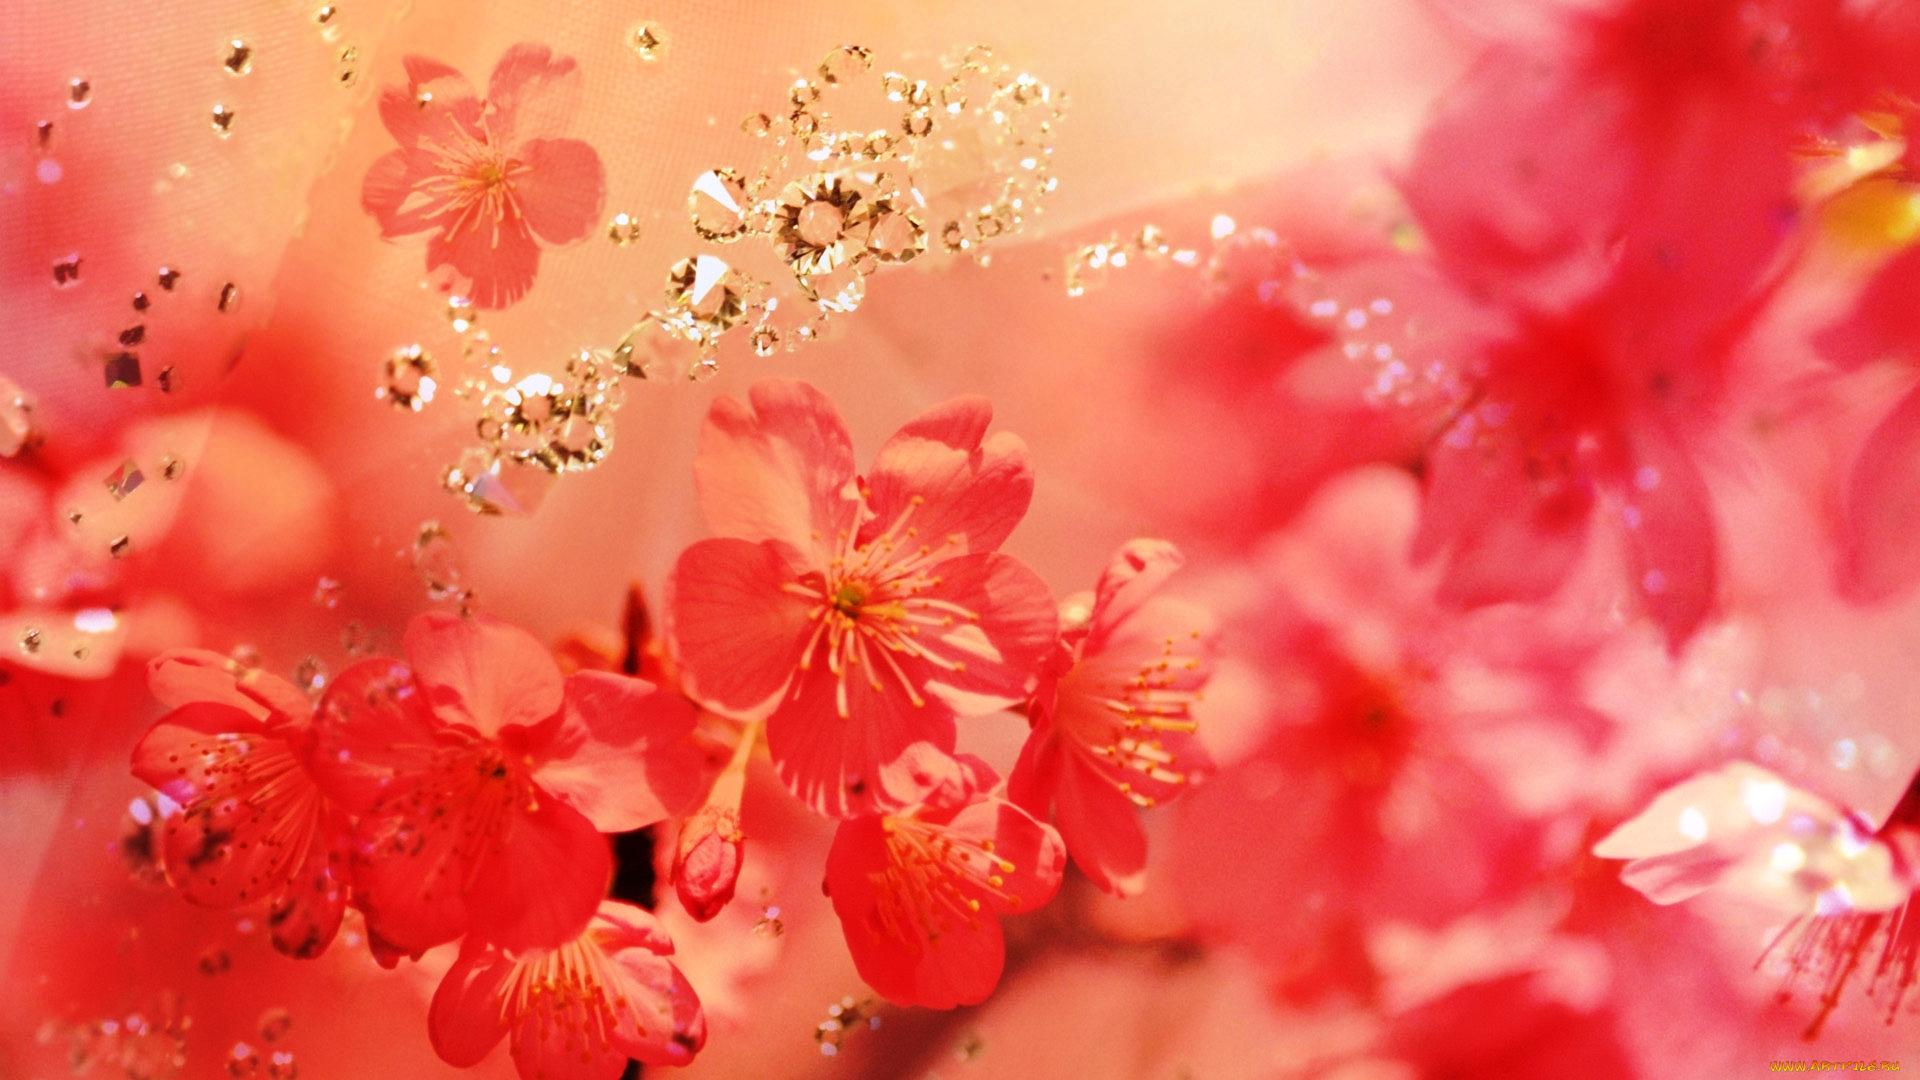 Россыпь цветов  № 2267670 бесплатно